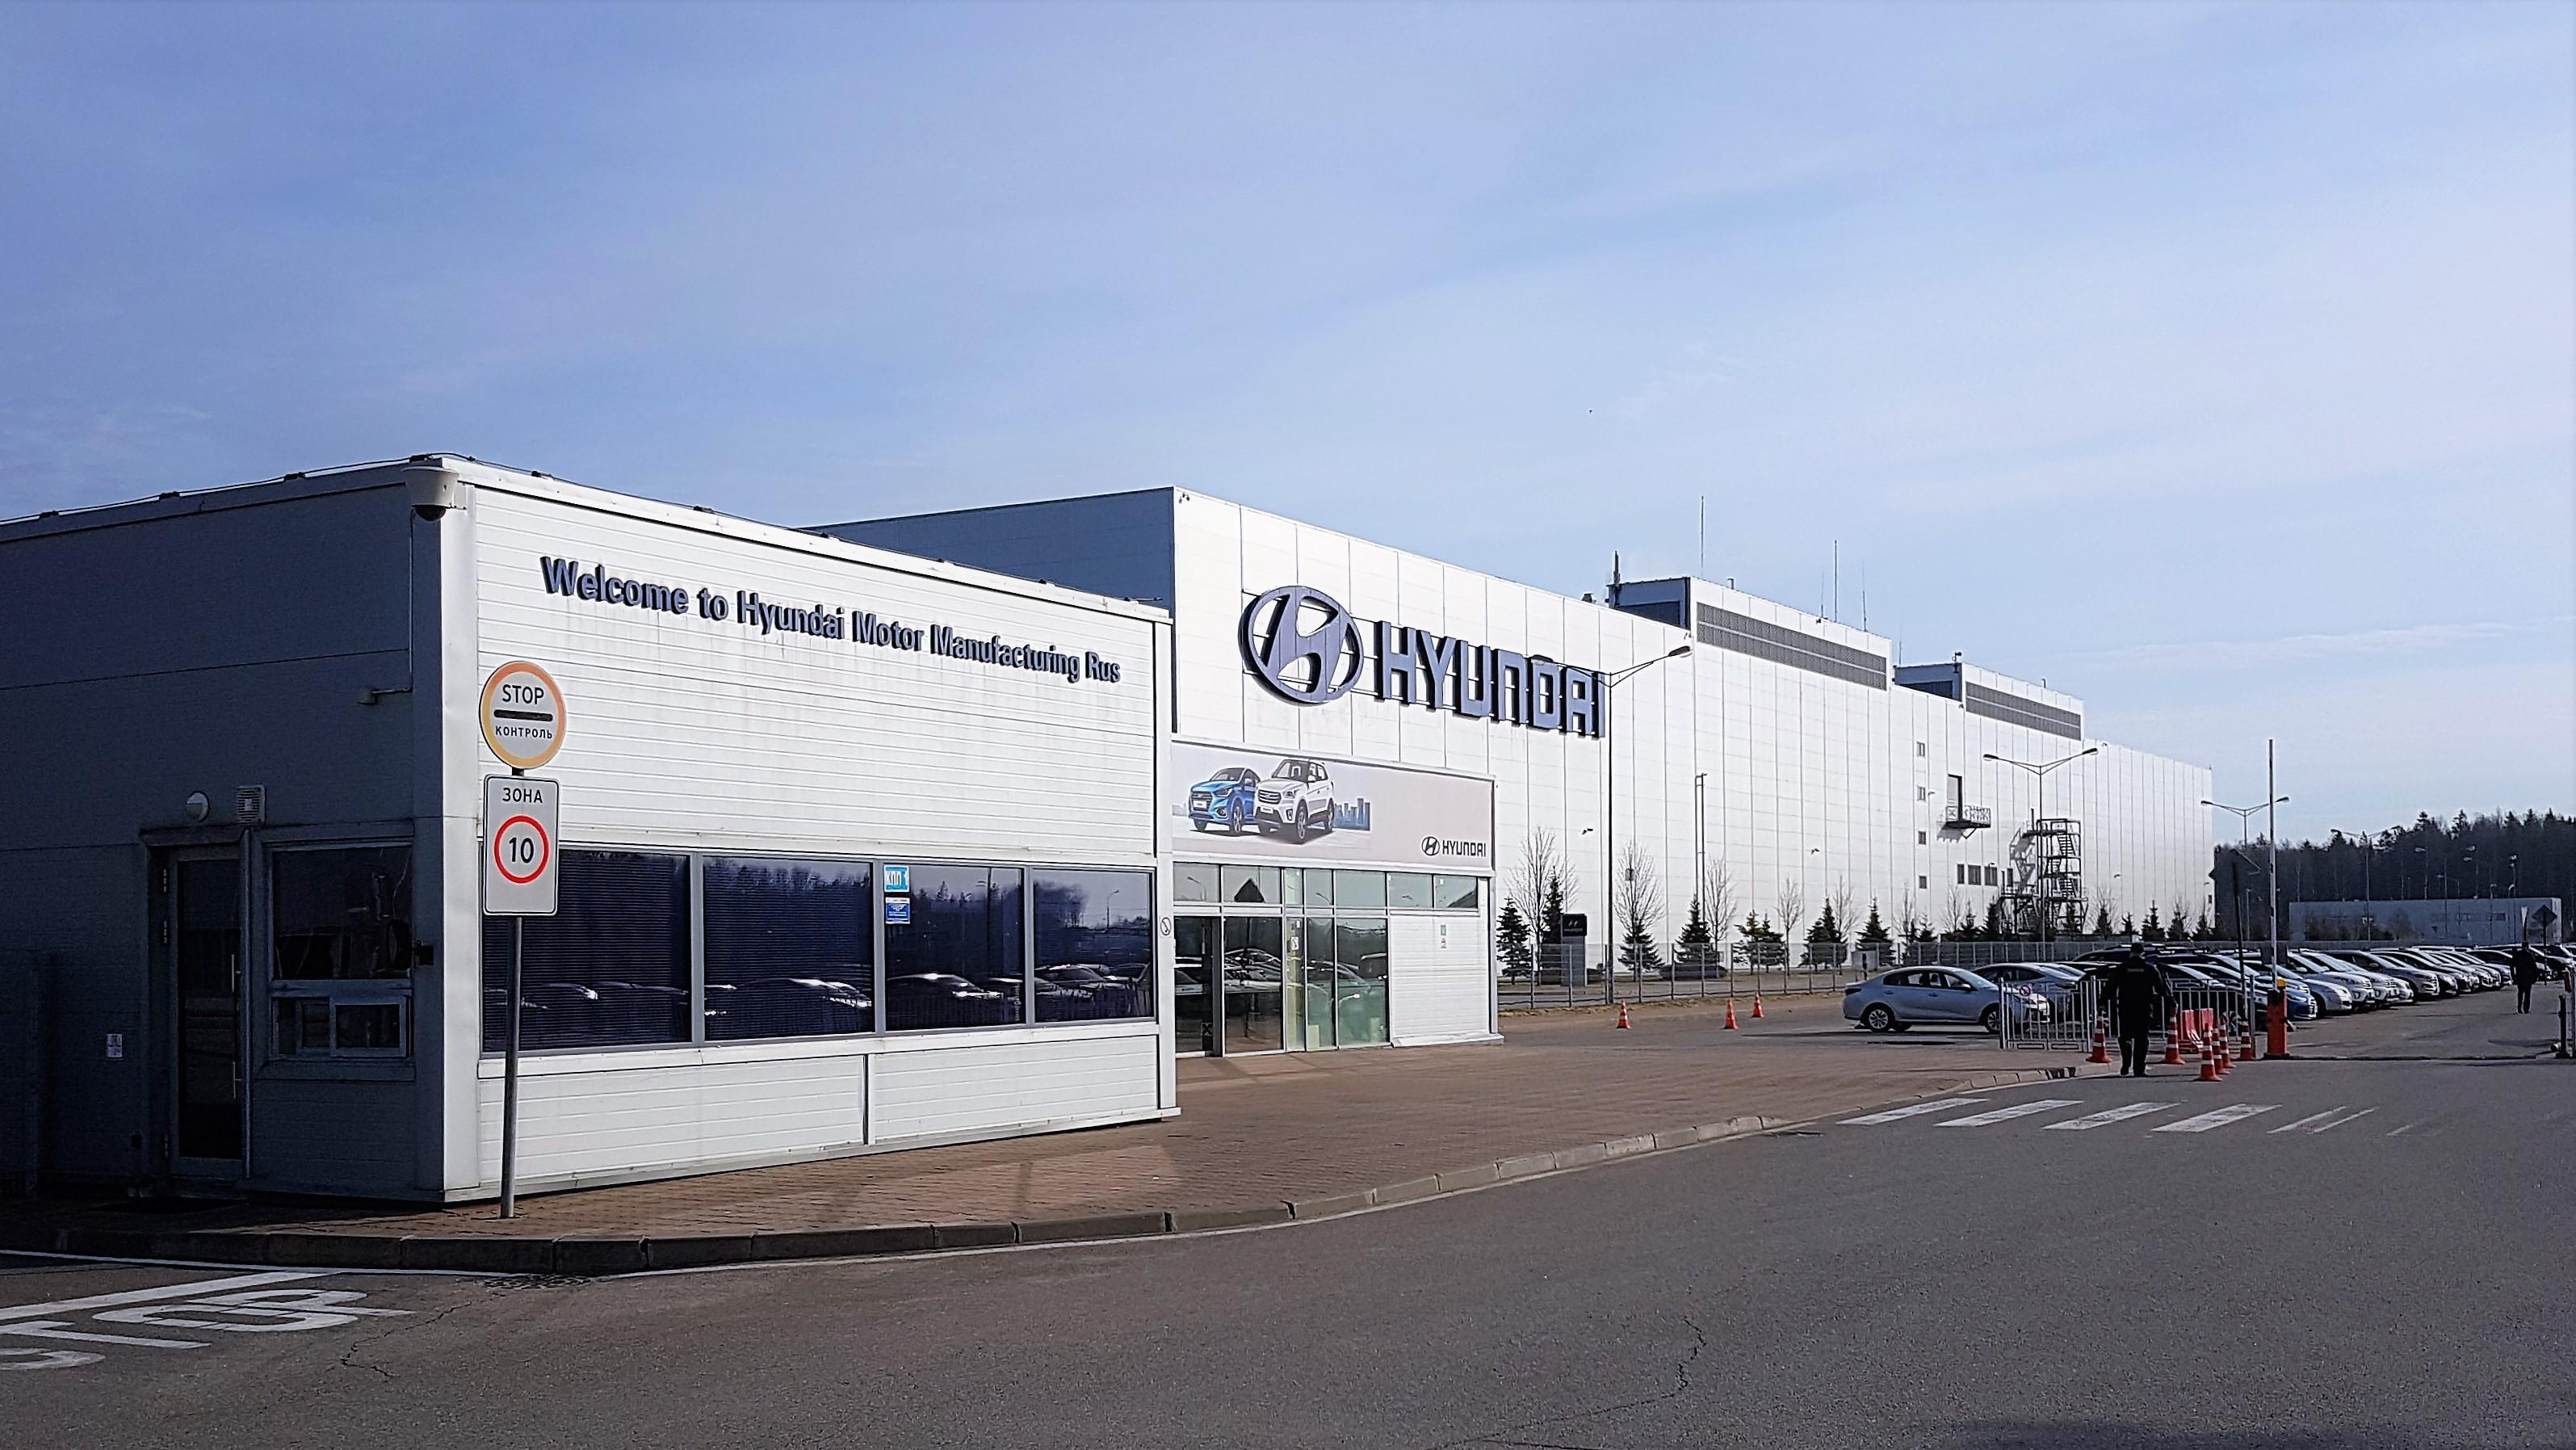 Очень советую мальчикам и девочкам в возрасте до 90 лет сходить на экскурсию на завод Hyundai в Санкт-Петербурге